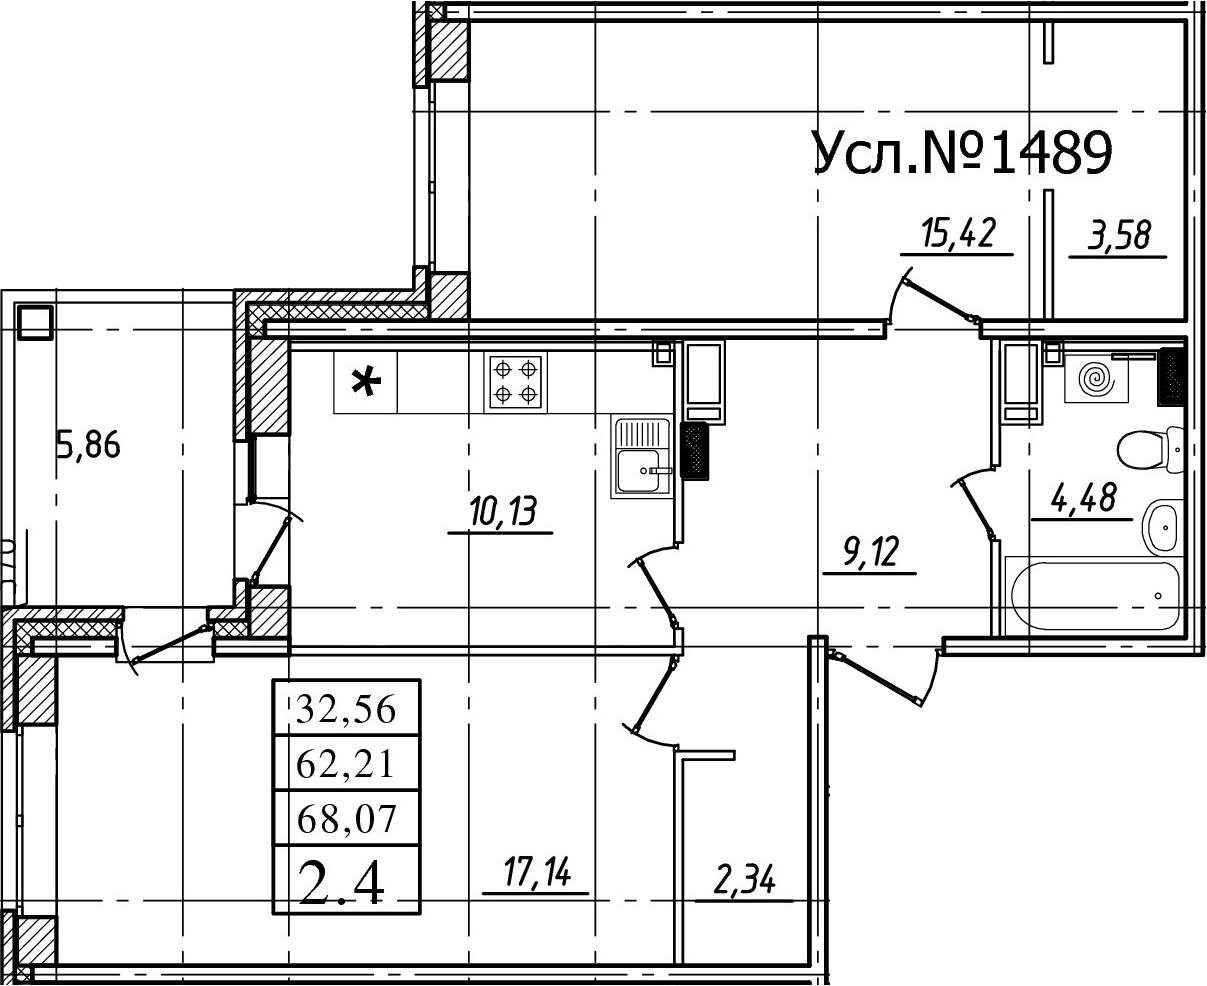 2-комнатная, 62.21 м²– 2